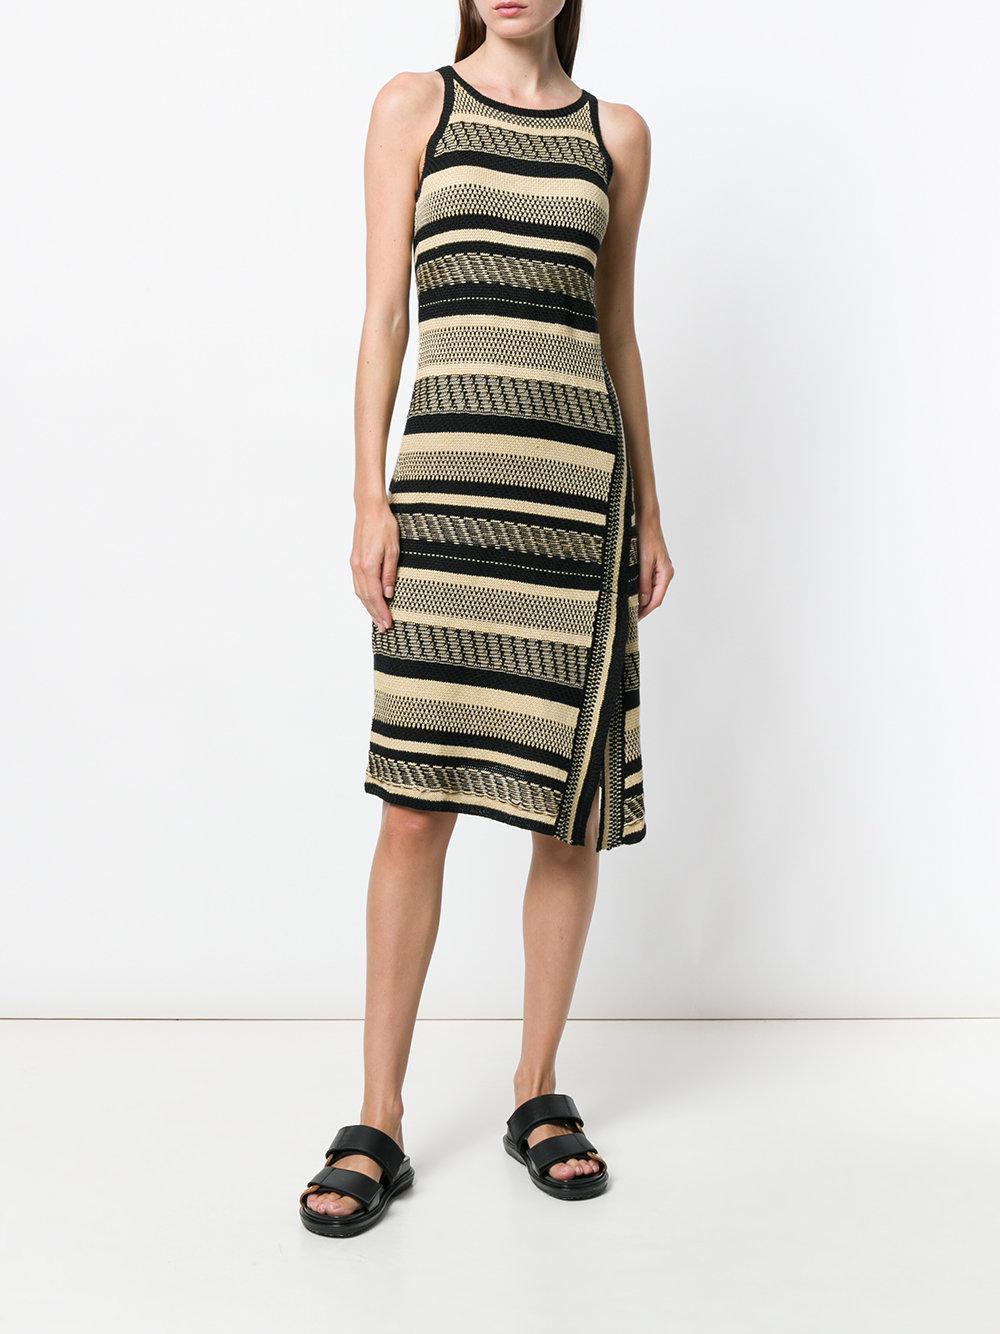 raul lauren polo lauren ralph lauren striped wrap dress